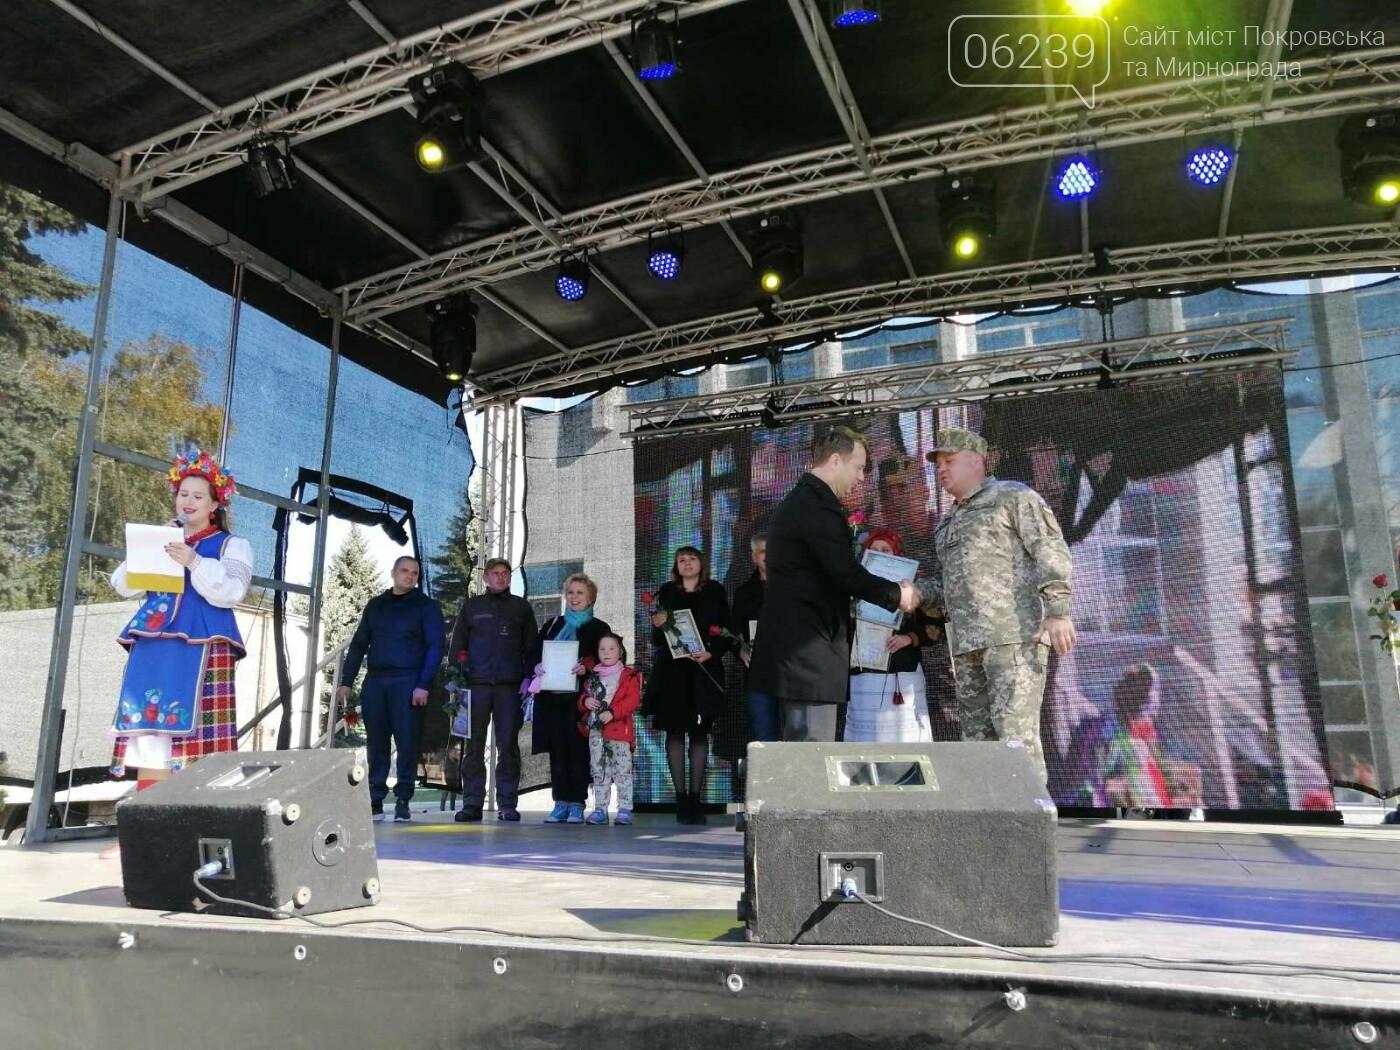 Святкова программа на честь святкування Дня захисника триває у Покровську, фото-15